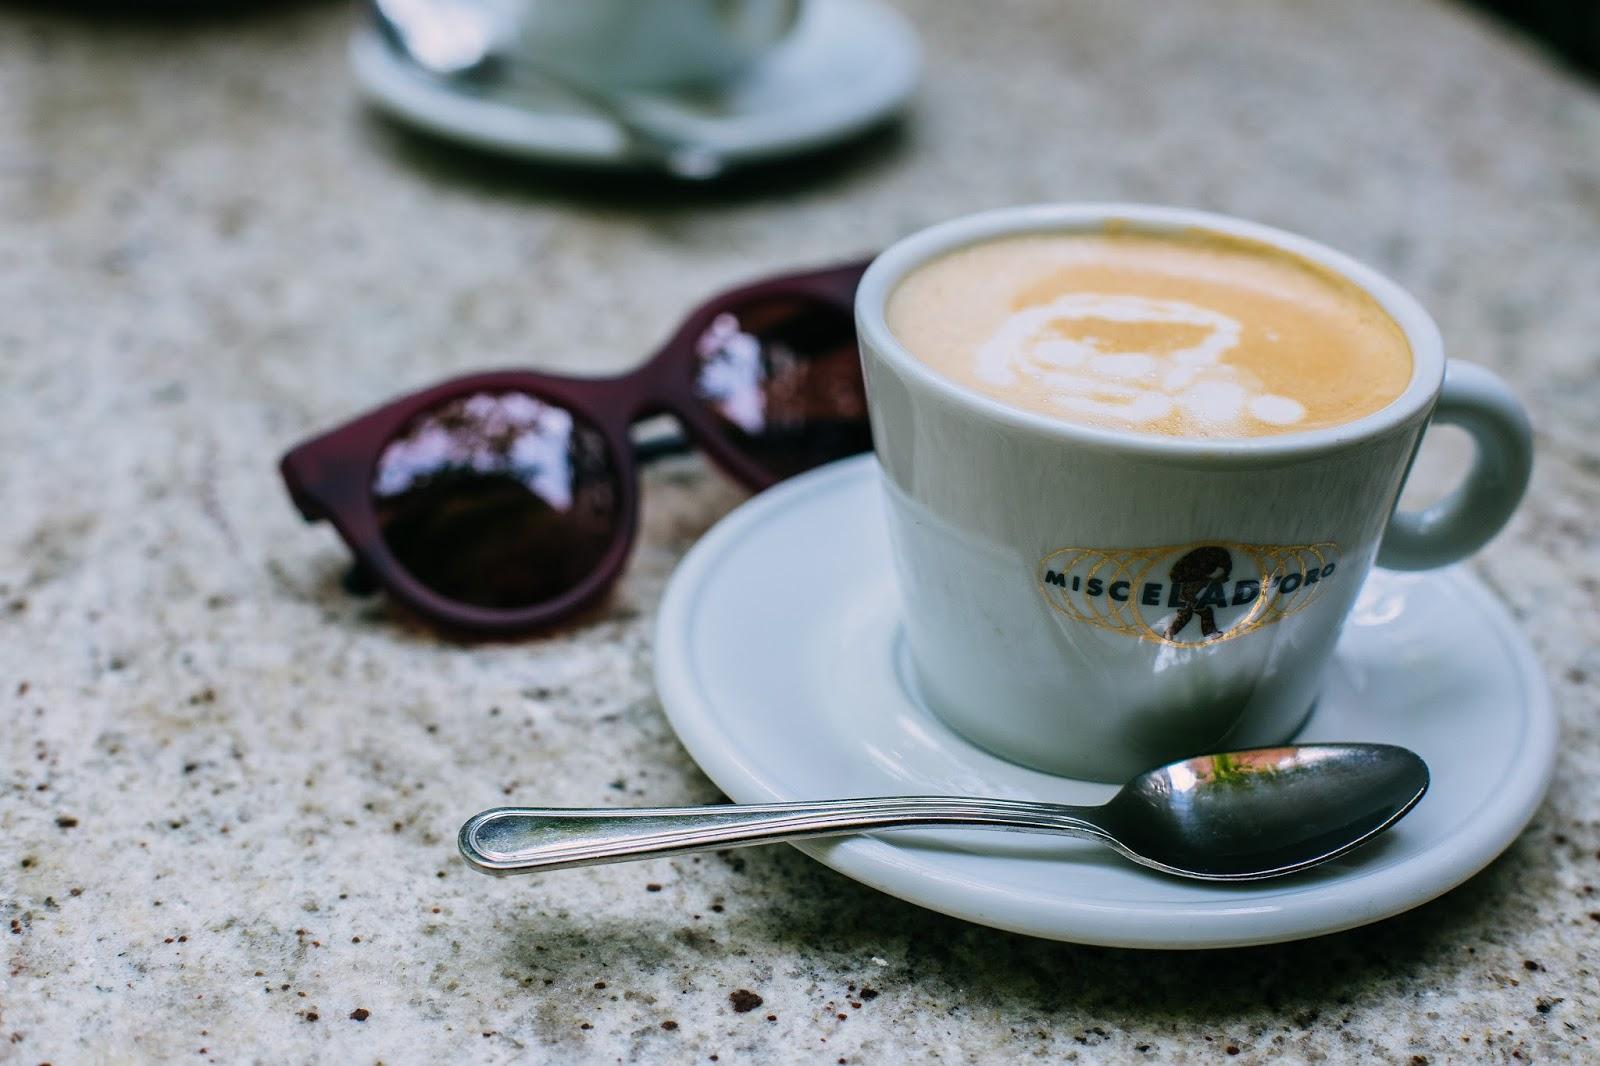 legamin-cafe-brooklyn-fort-greene-cafe-au-lait.jpg